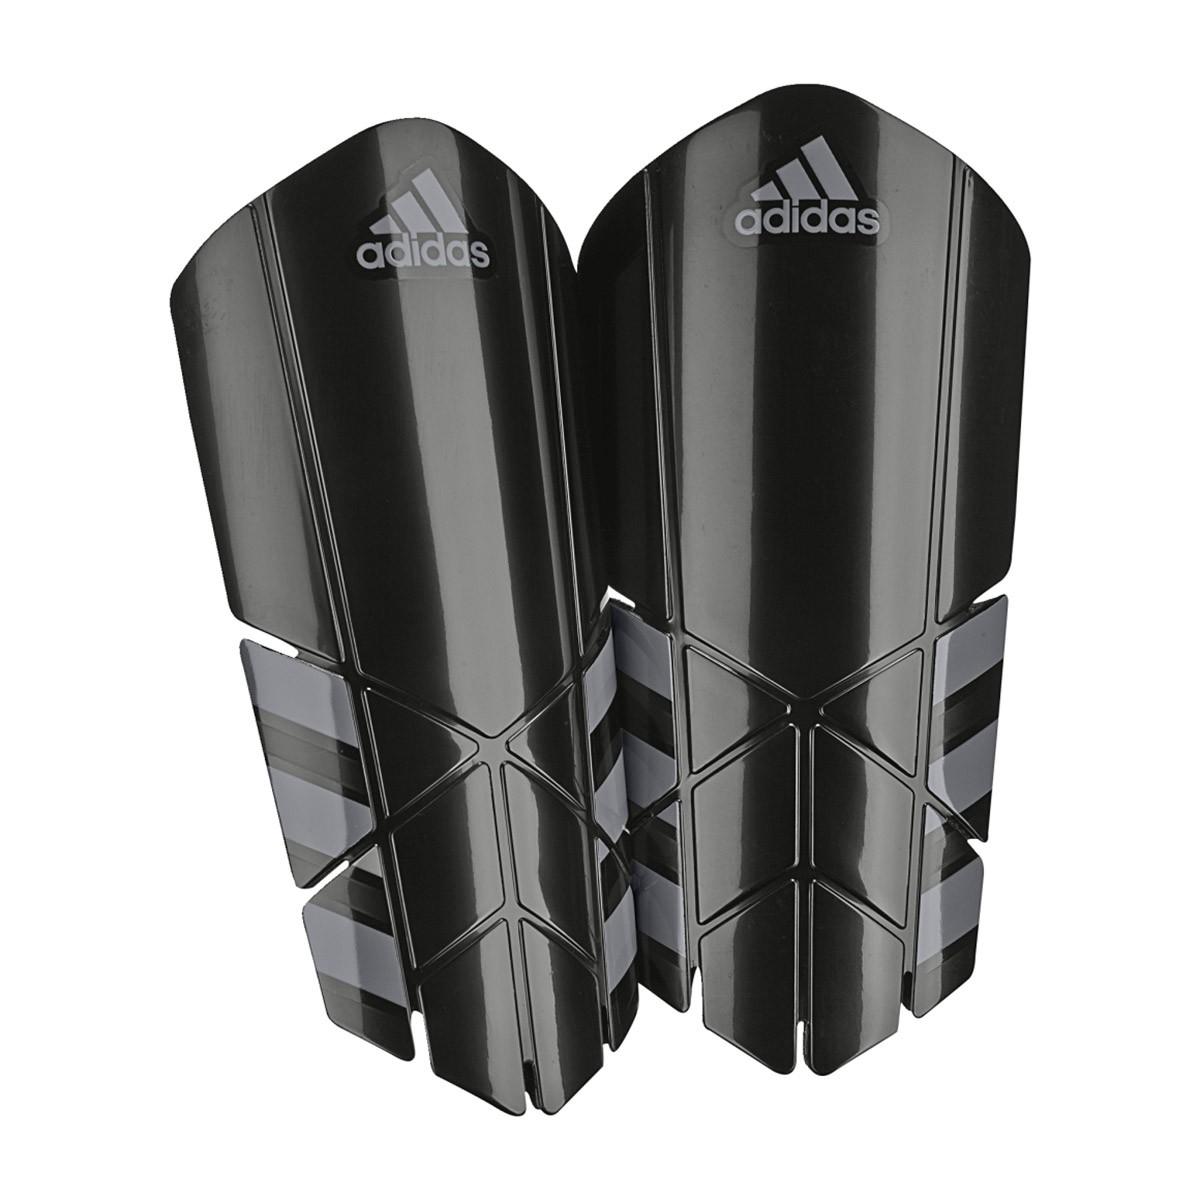 Caneleira adidas Ghost Lesto Grey-Core Black - Loja de futebol ... 12d4a1a10222c